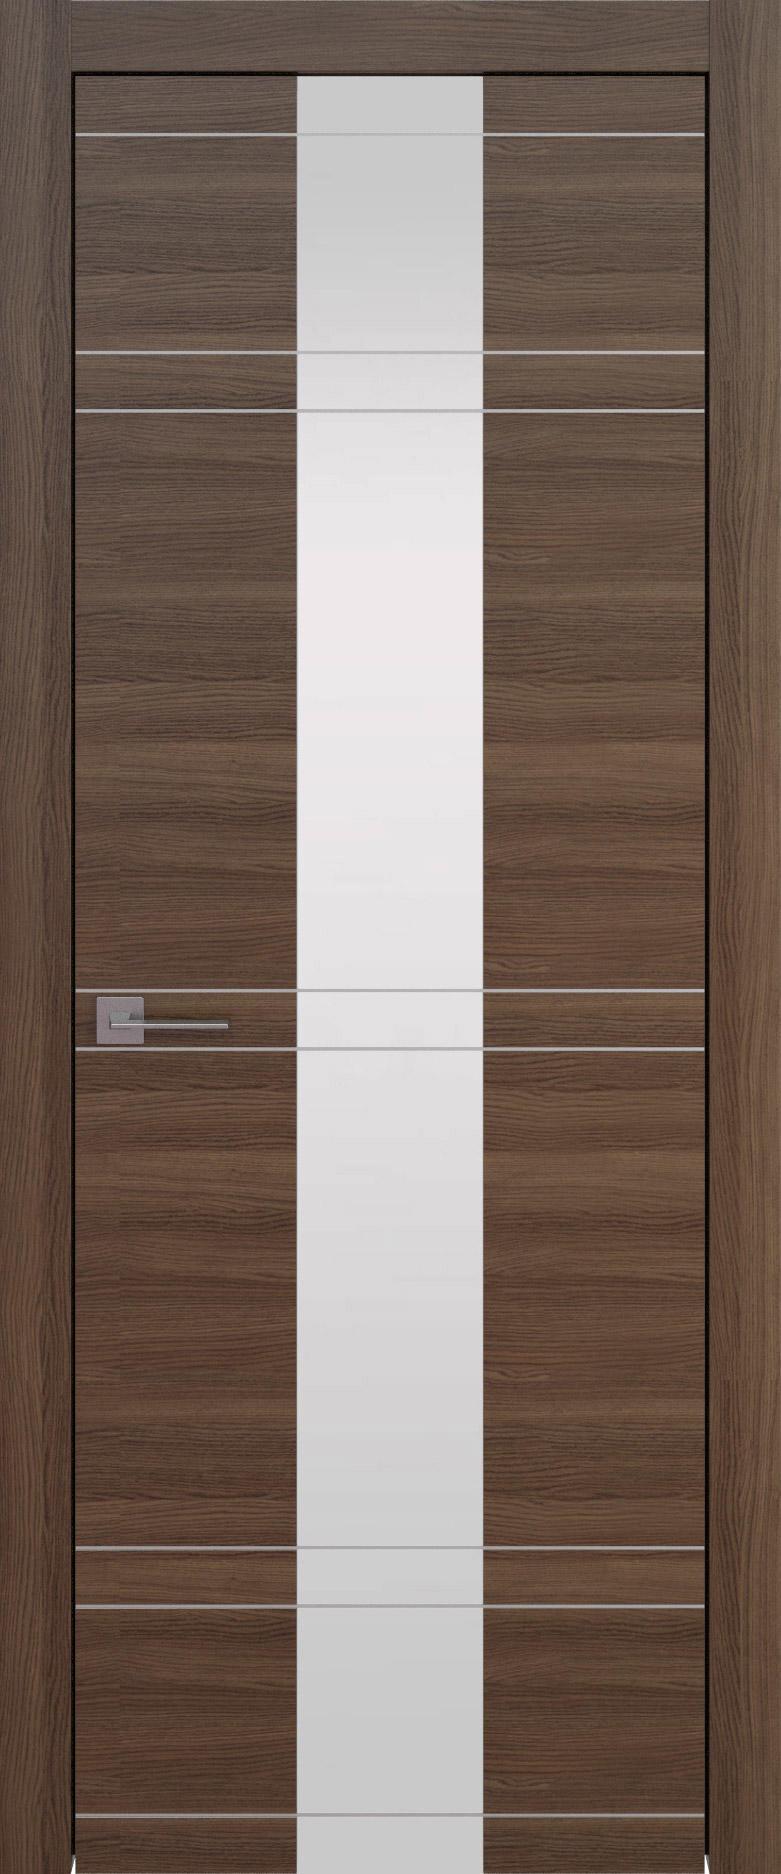 Tivoli Ж-4 цвет - Дуб торонто Со стеклом (ДО)